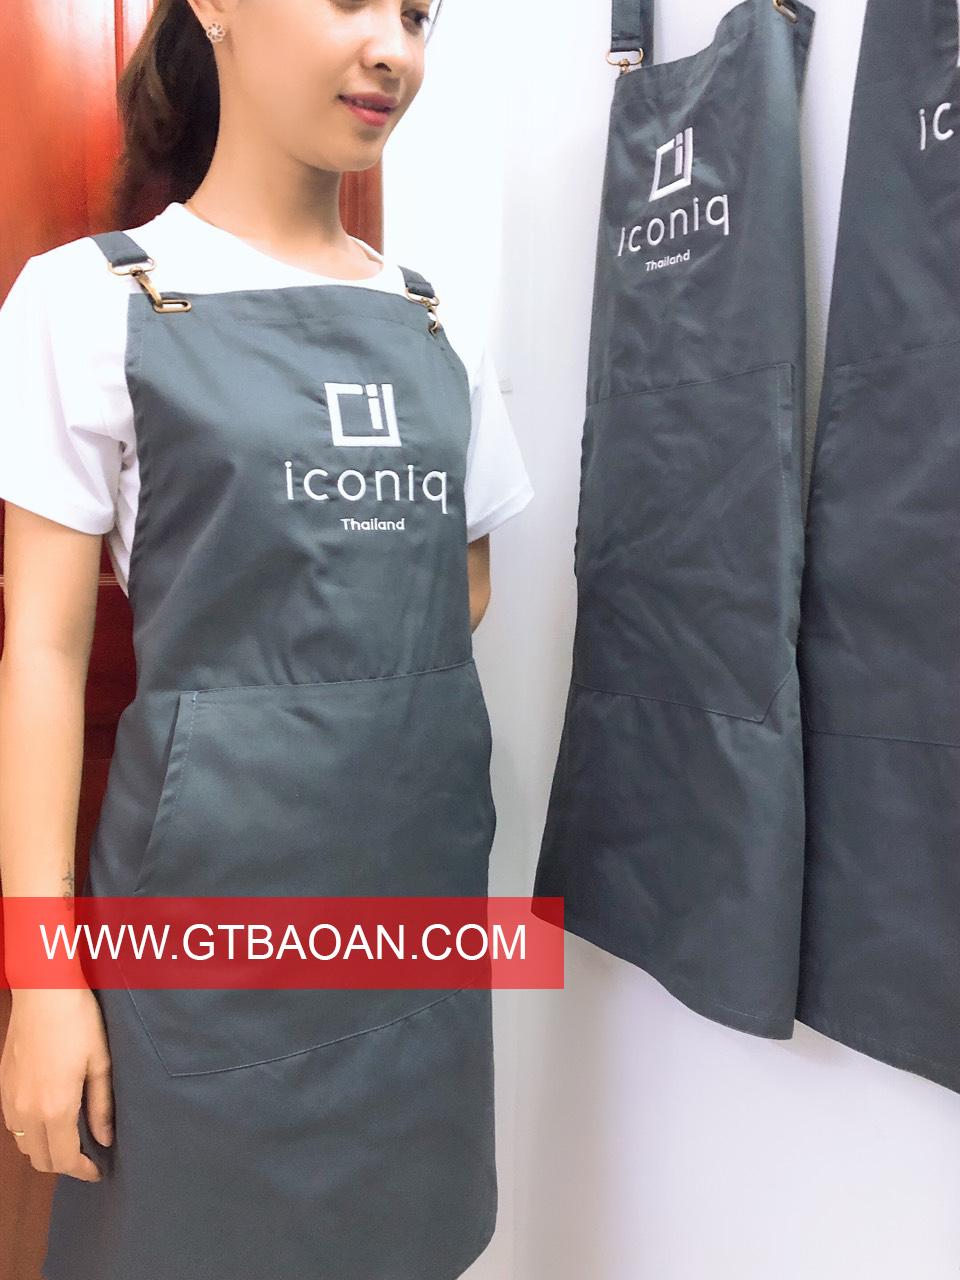 Tạp dề đồng phục đẹp Iconiq